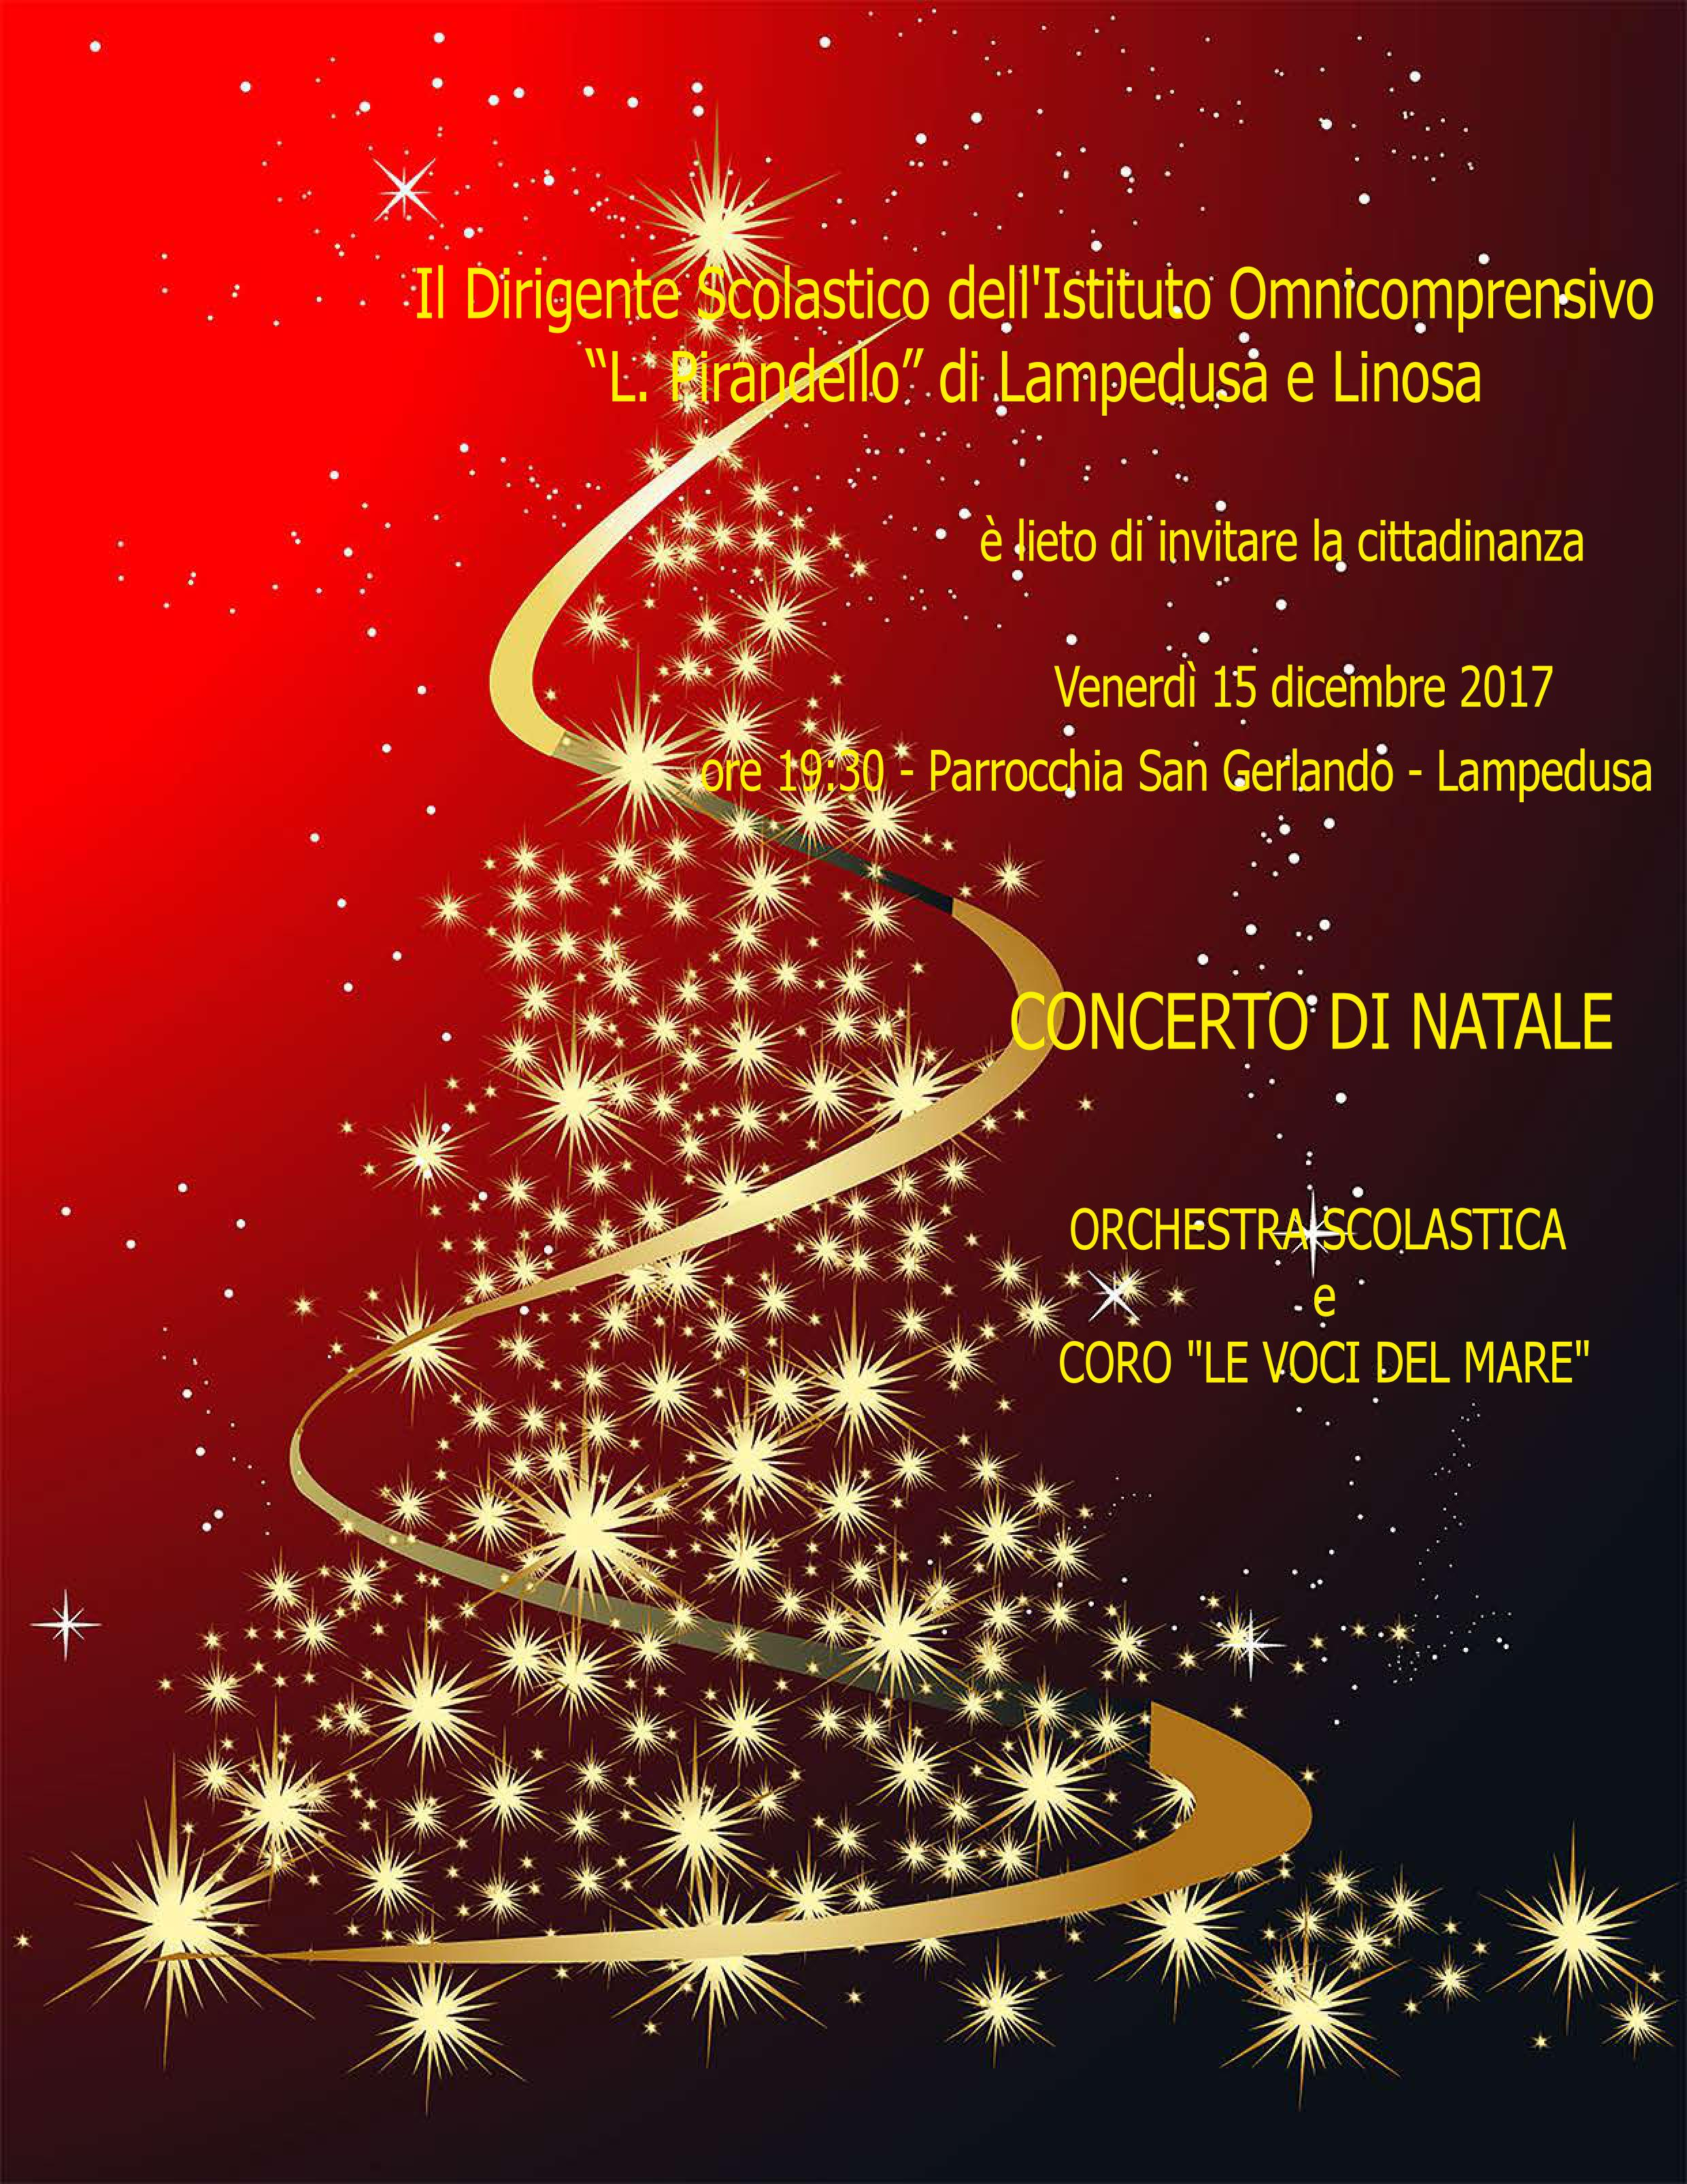 Concerto Di Natale.Concerto Di Natale Istituto Omnicomprensivo Luigi Pirandello